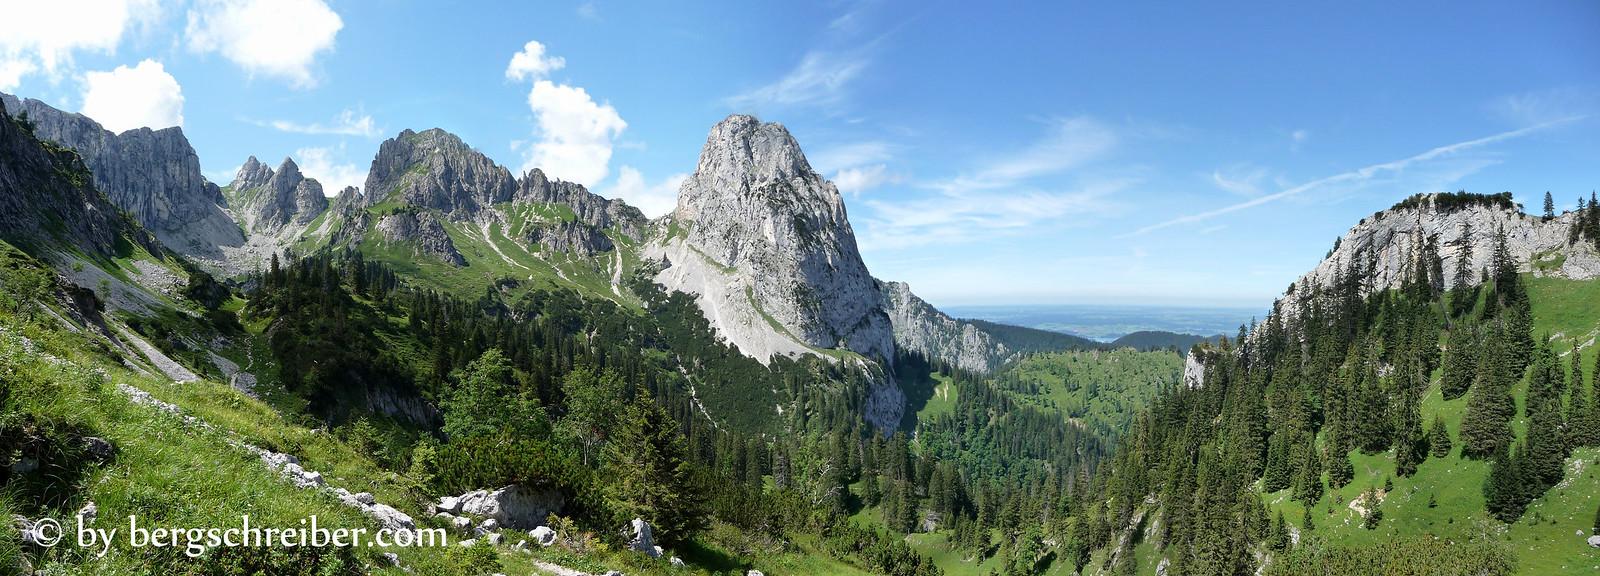 Panorama des Geiselsteins, das Matterhorn der Ammergauer Alpen